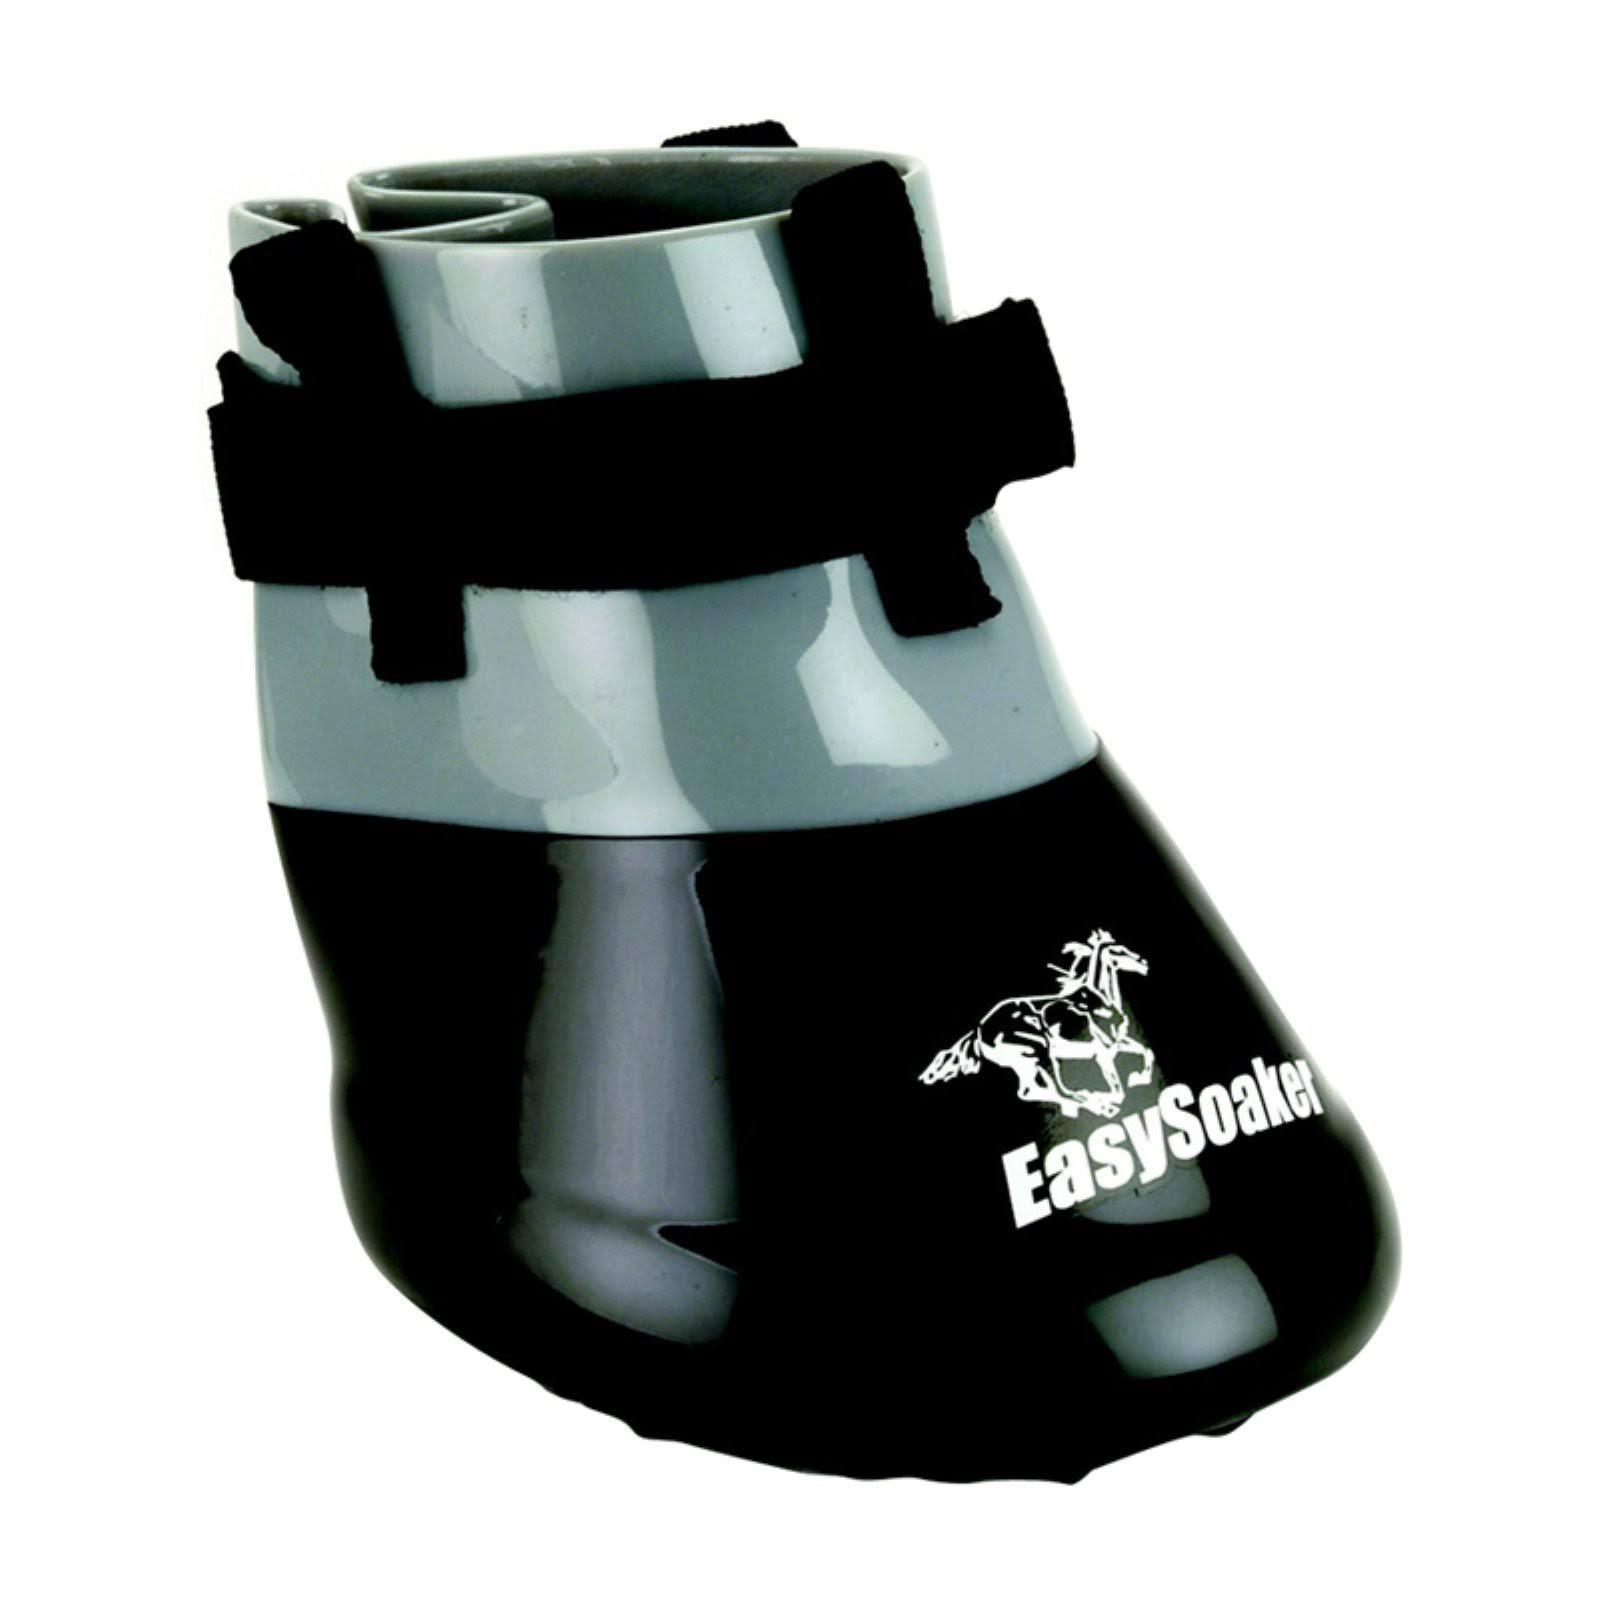 Hoof Easysoaker Easycare Easycare Easysoaker Hoof Boot SUzVpqM